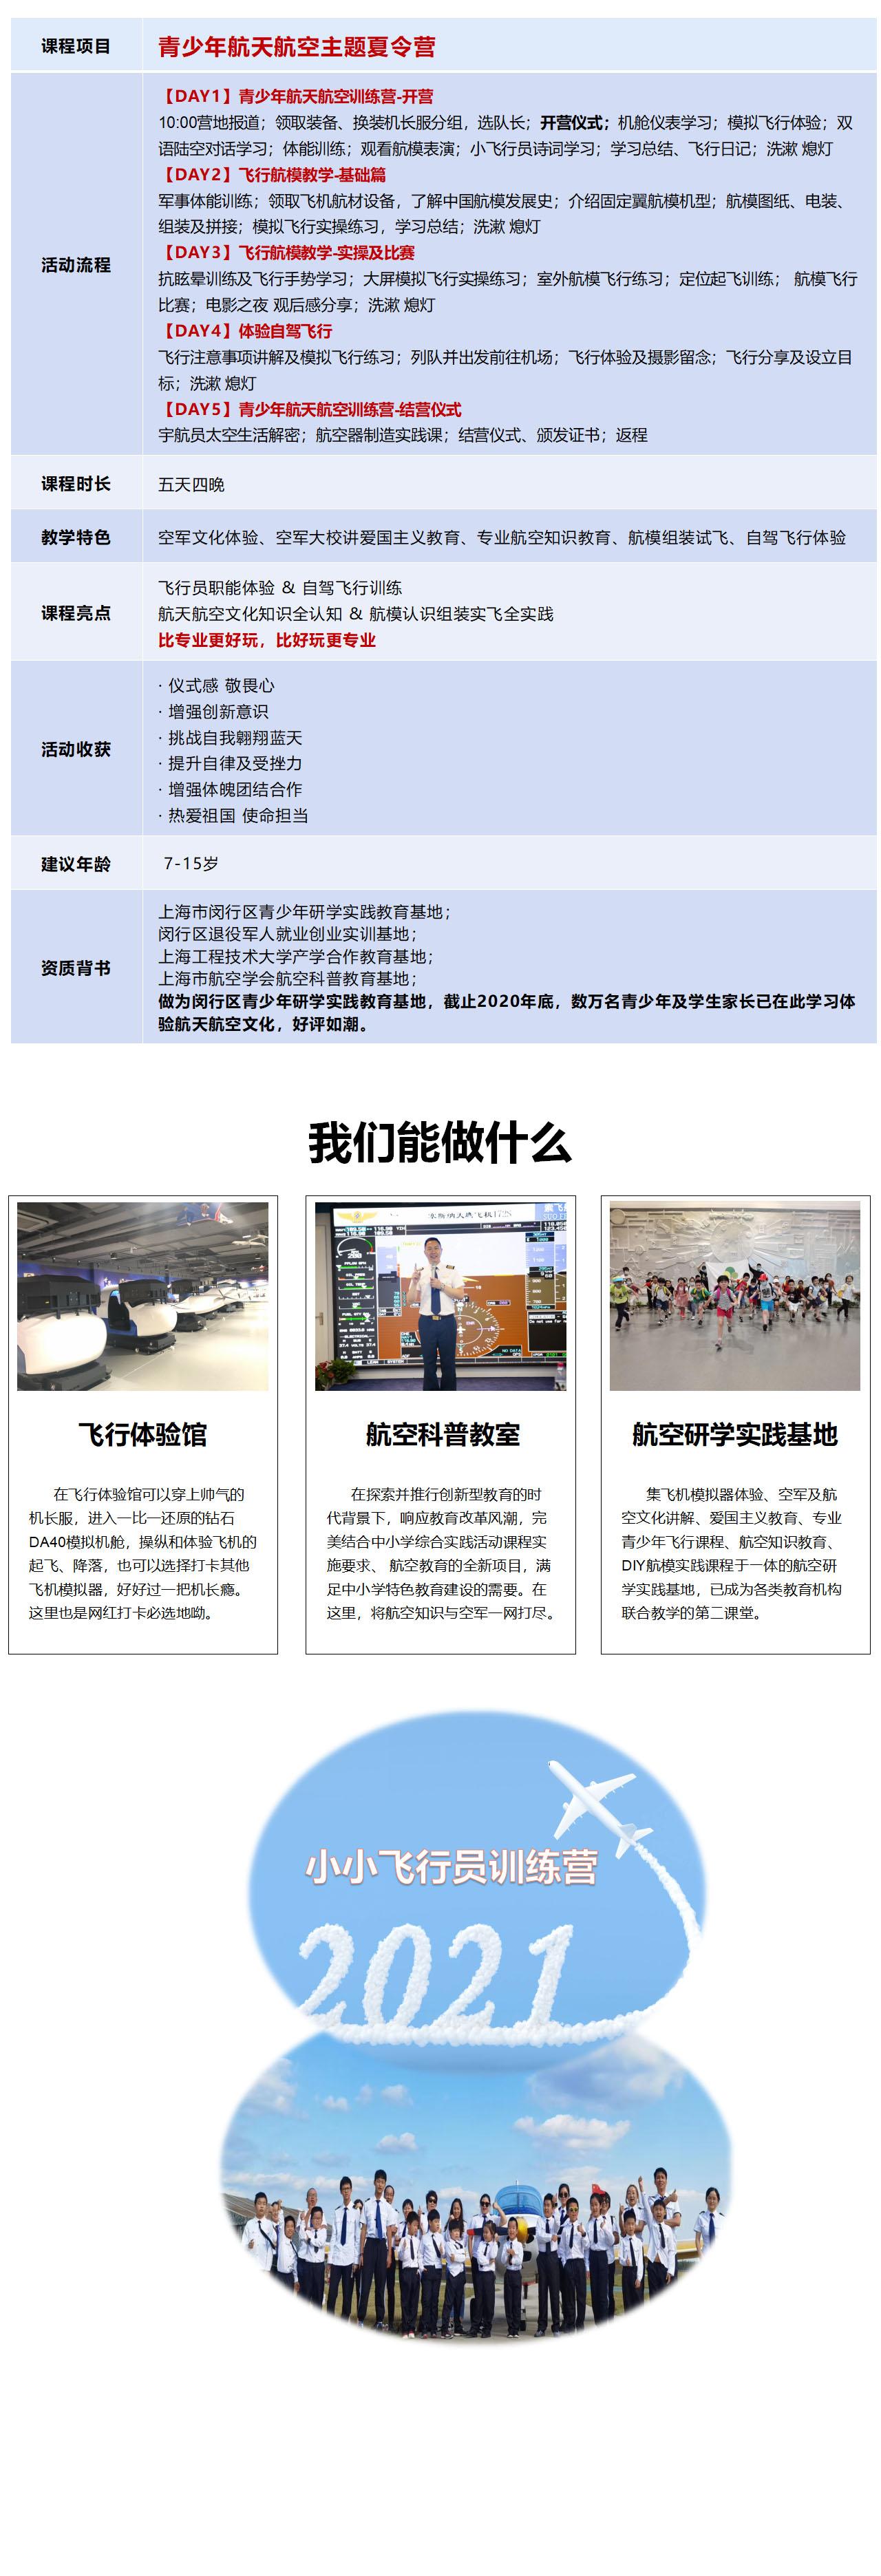 航空研学 -4个内容_04.jpg